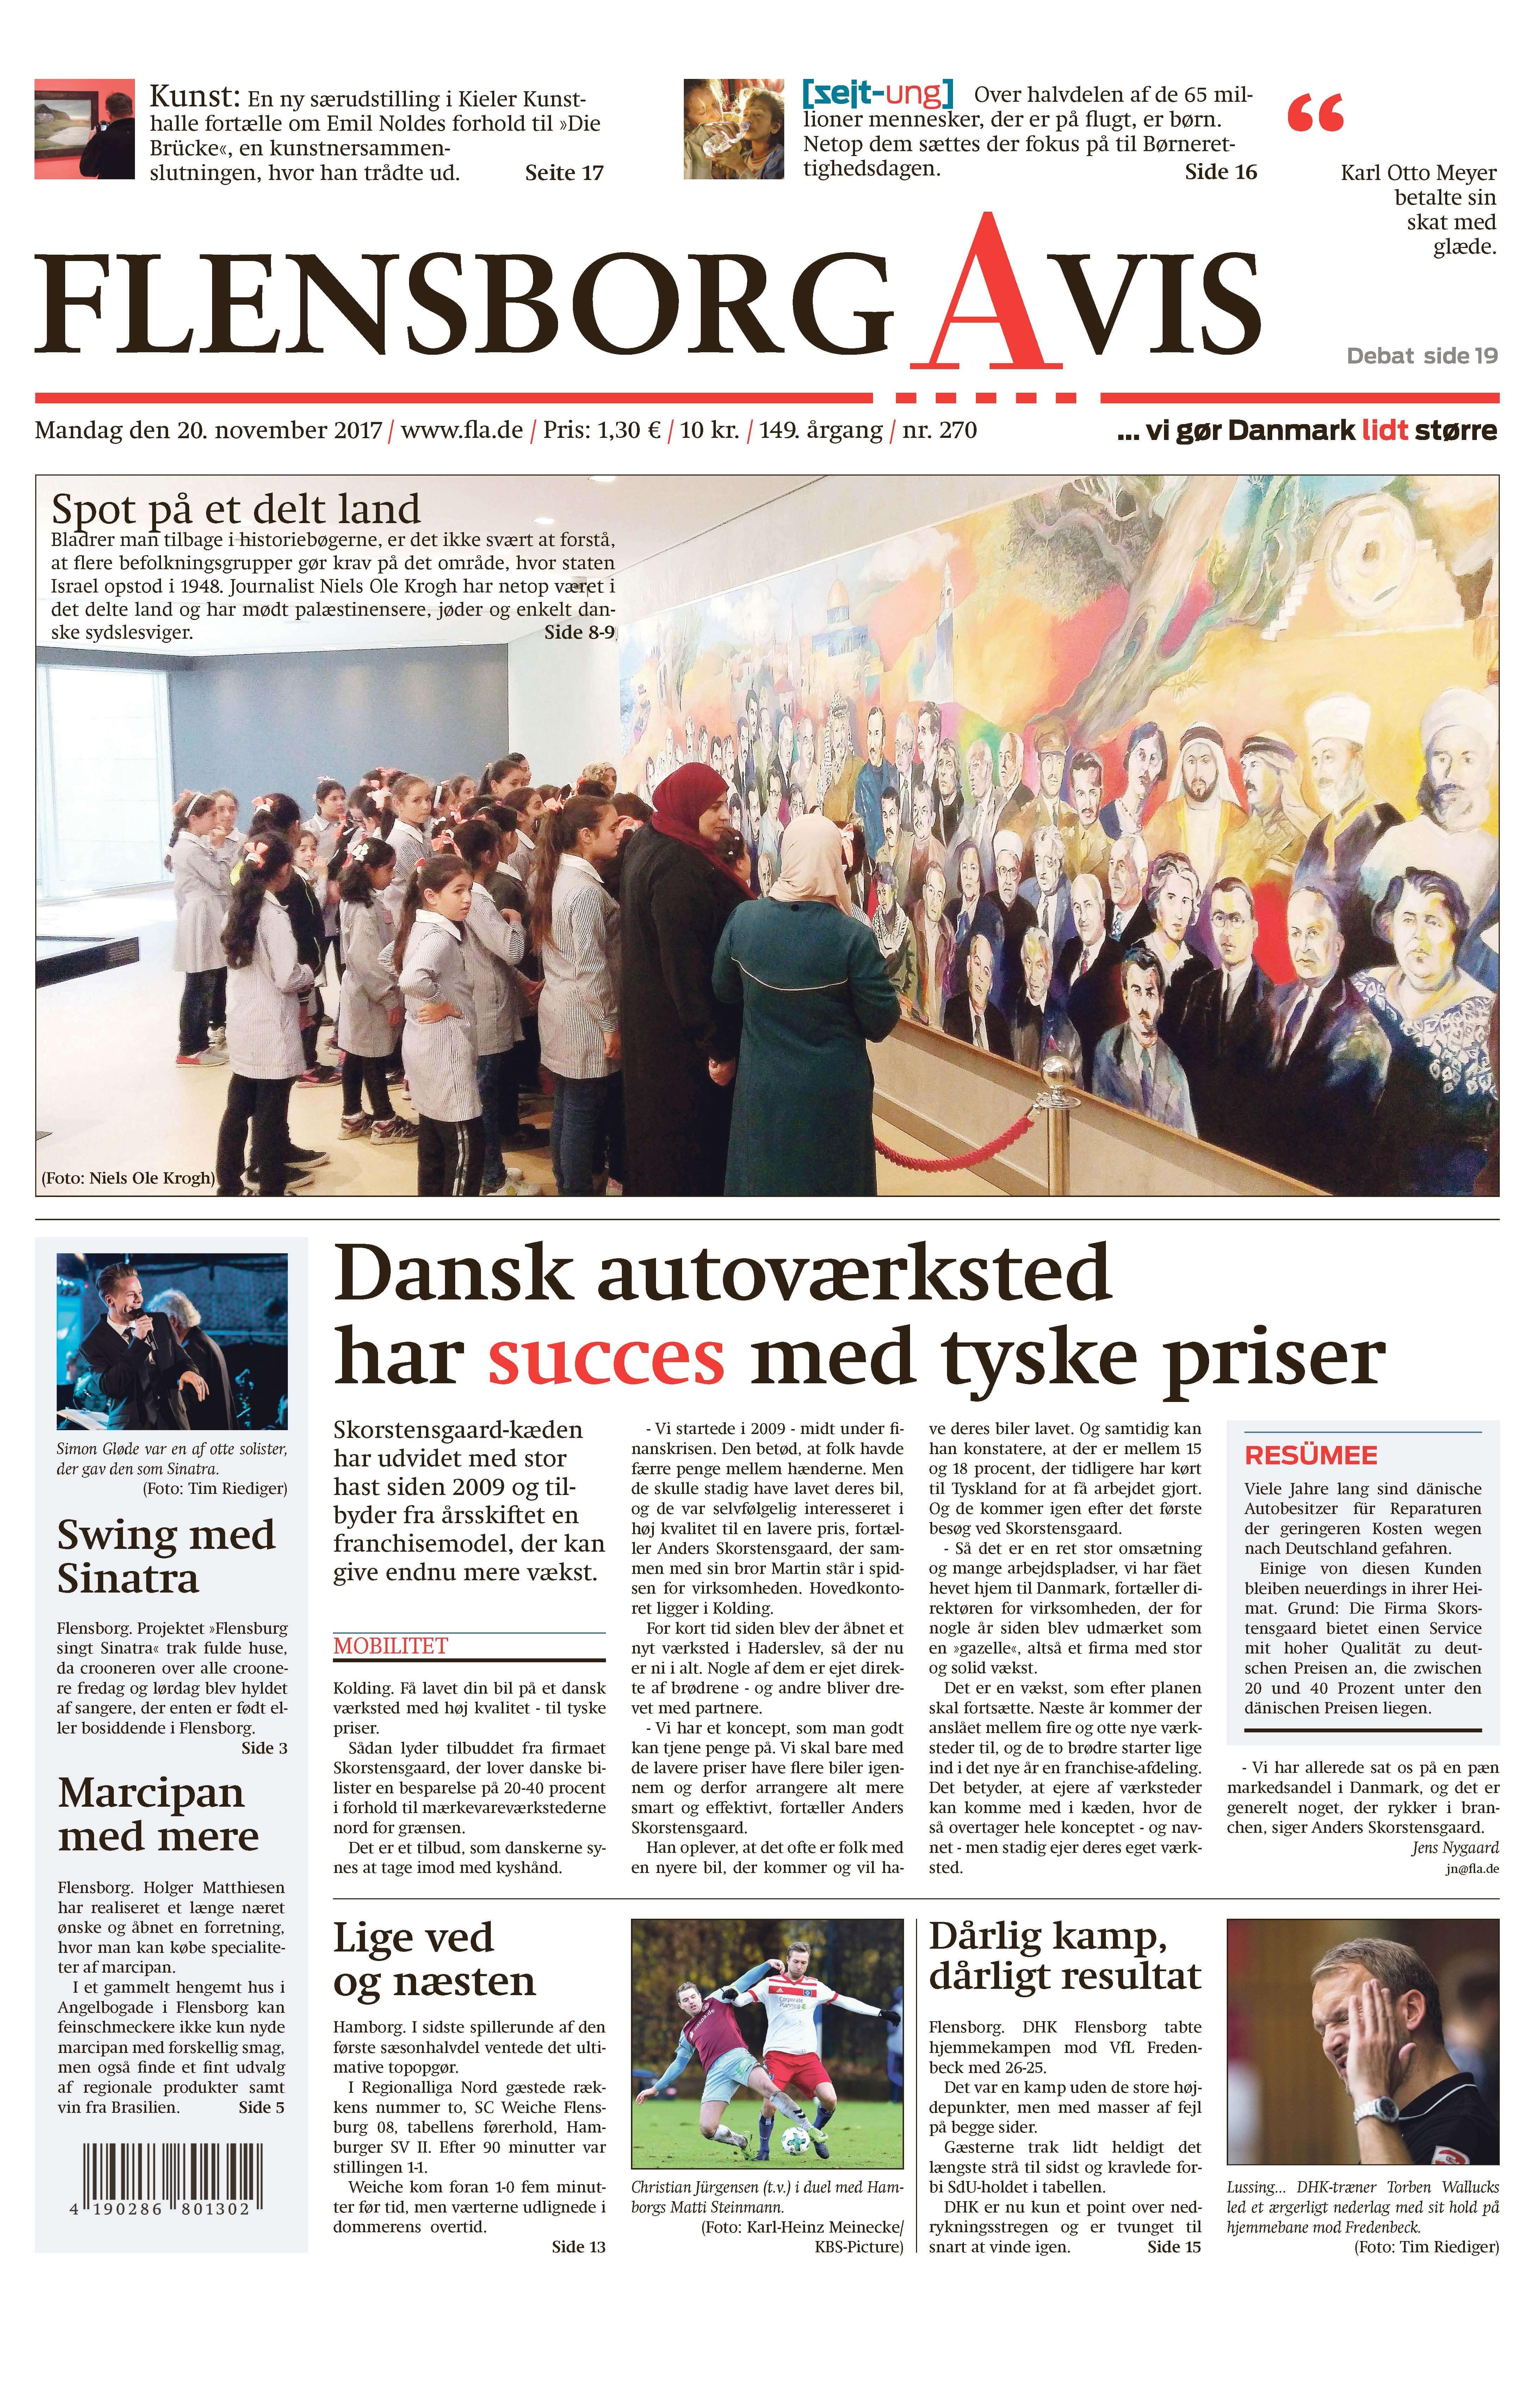 Skorstensgaards Værksteds koncept nævnes i Flensborg Avis